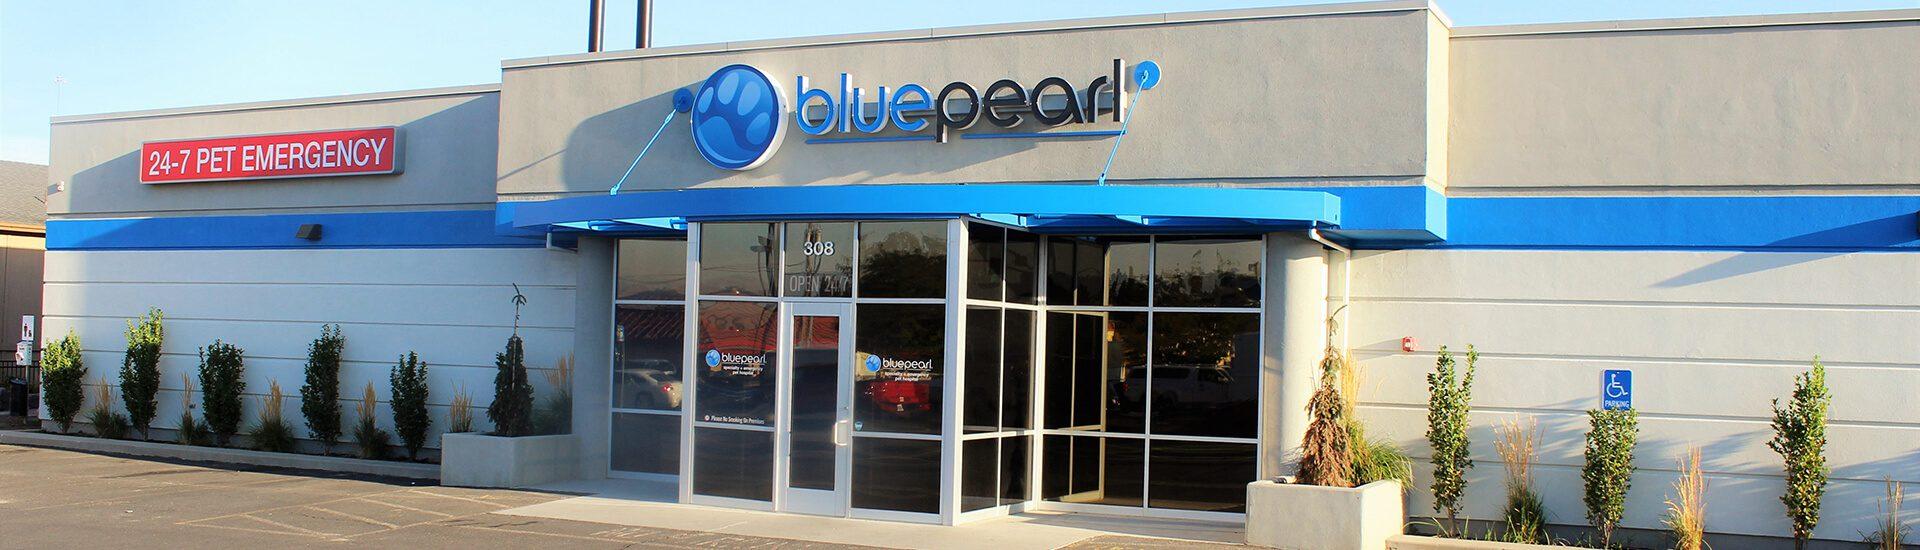 BluePearl Pet Hospital | Midvale, UT | Emergency Vet